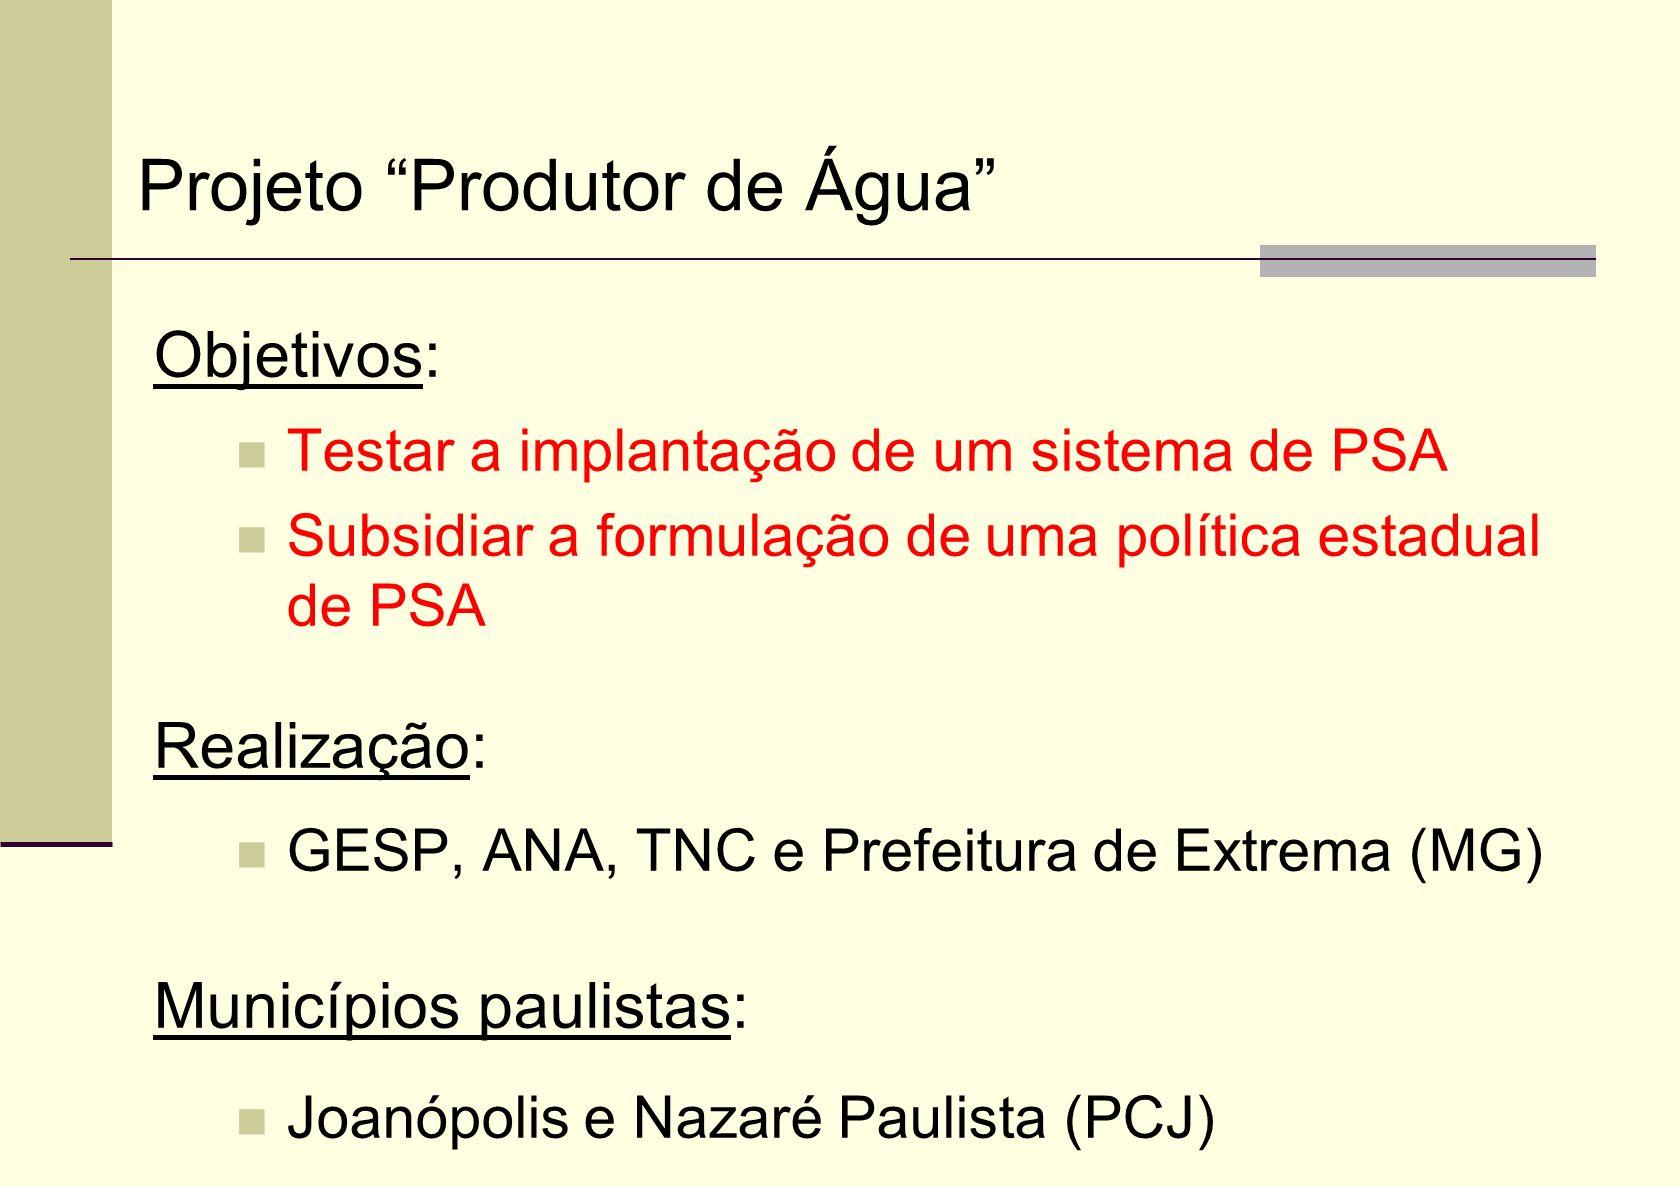 Objetivos: Testar a implantação de um sistema de PSA Subsidiar a formulação de uma política estadual de PSA Realização: GESP, ANA, TNC e Prefeitura de